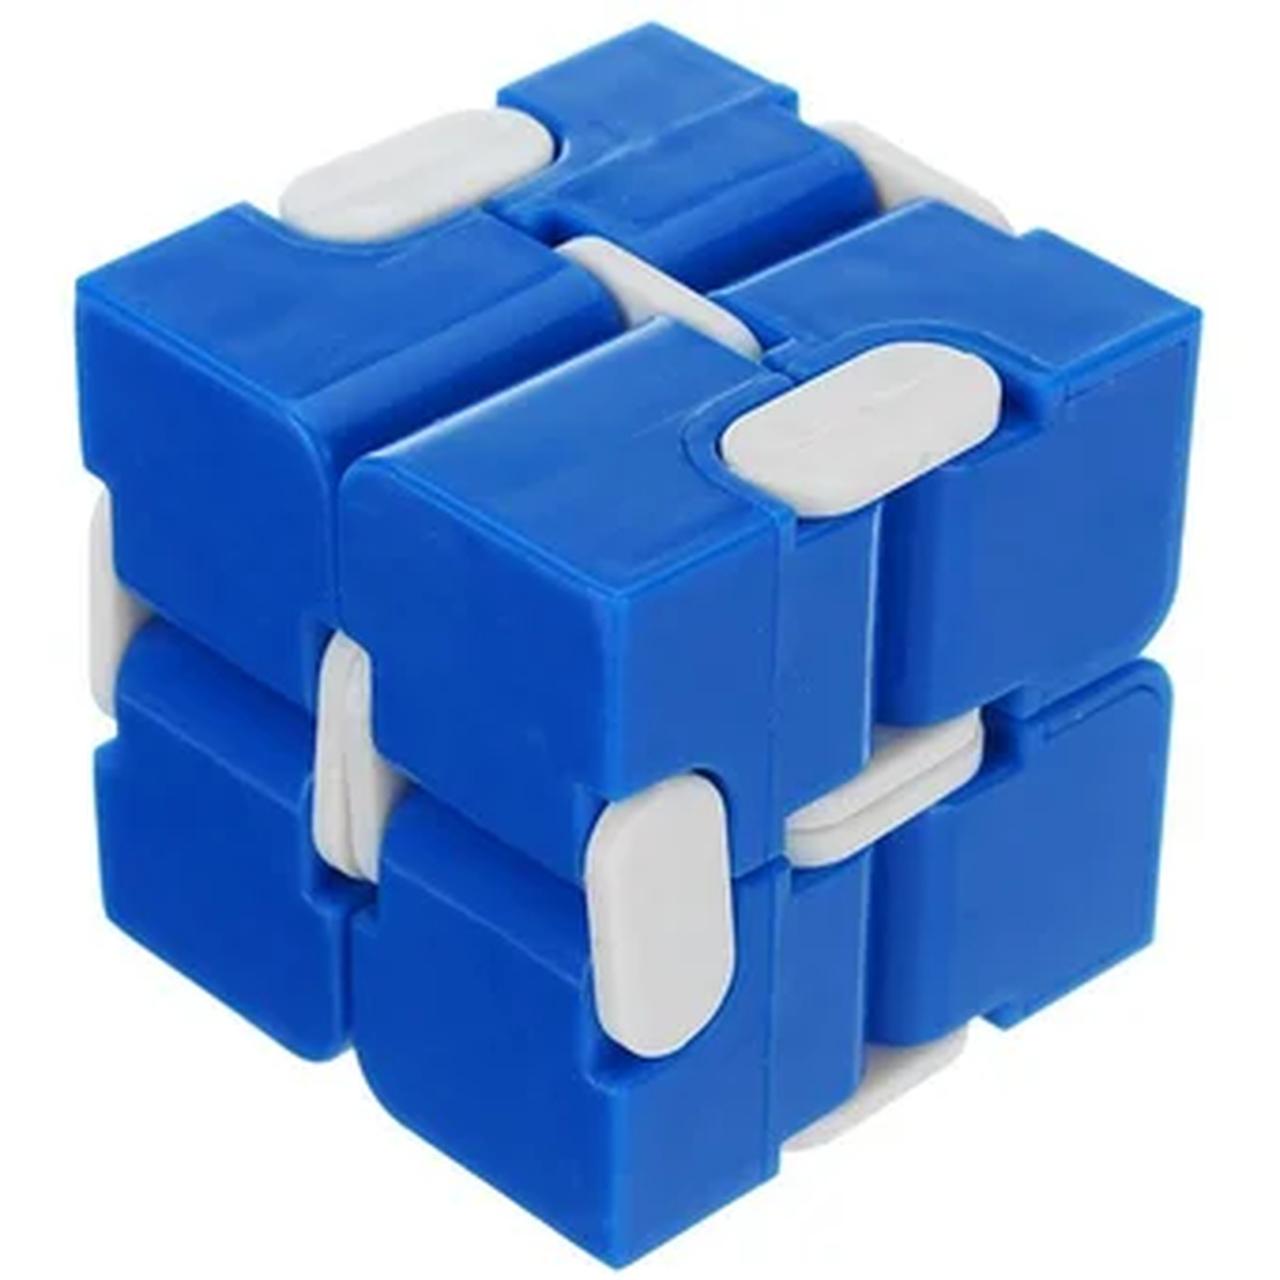 Cubo Magico Infinito Azul (My Infinity Cube)